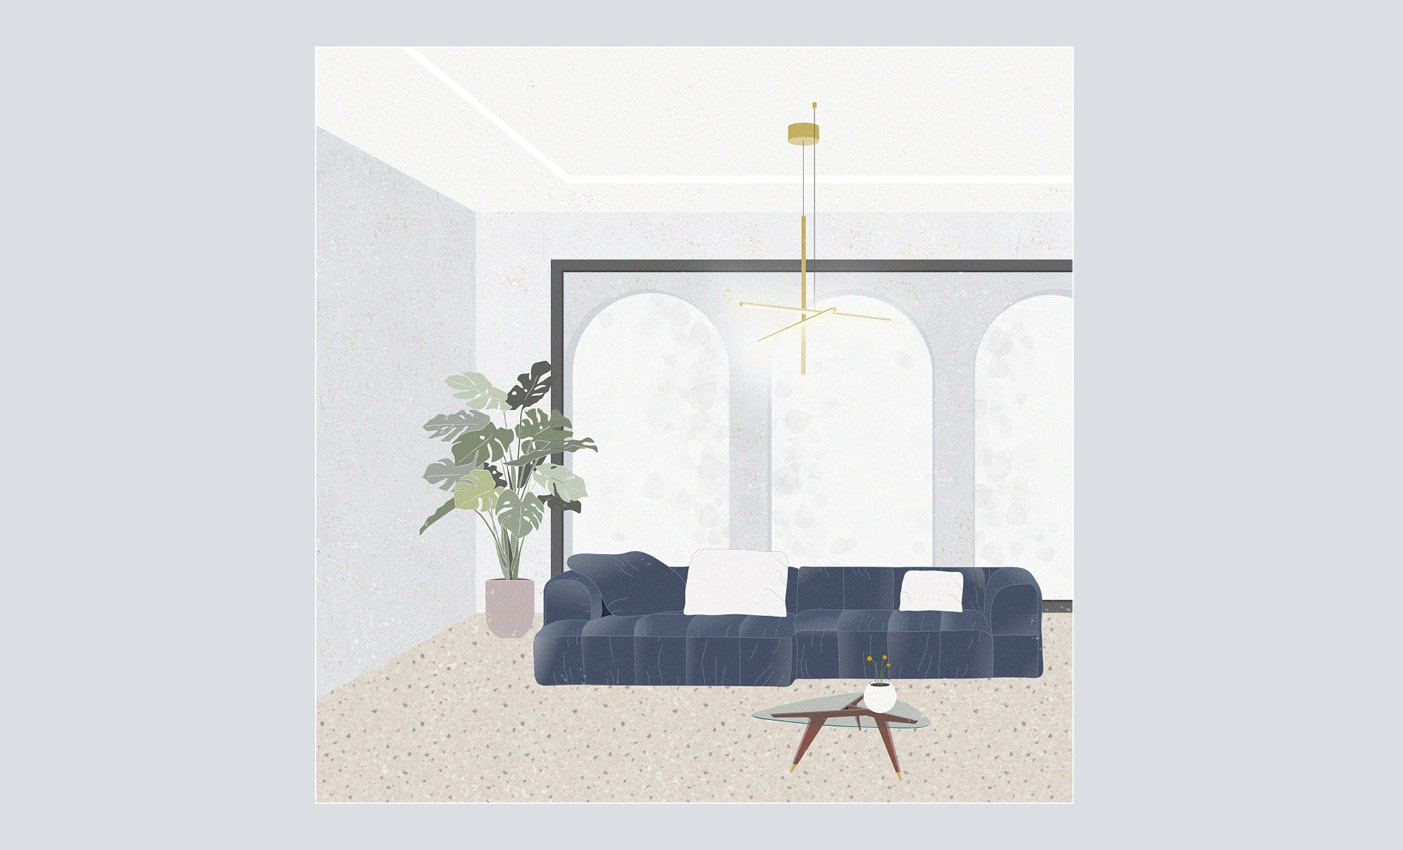 Arflex sofas inspirations made by Esperiri